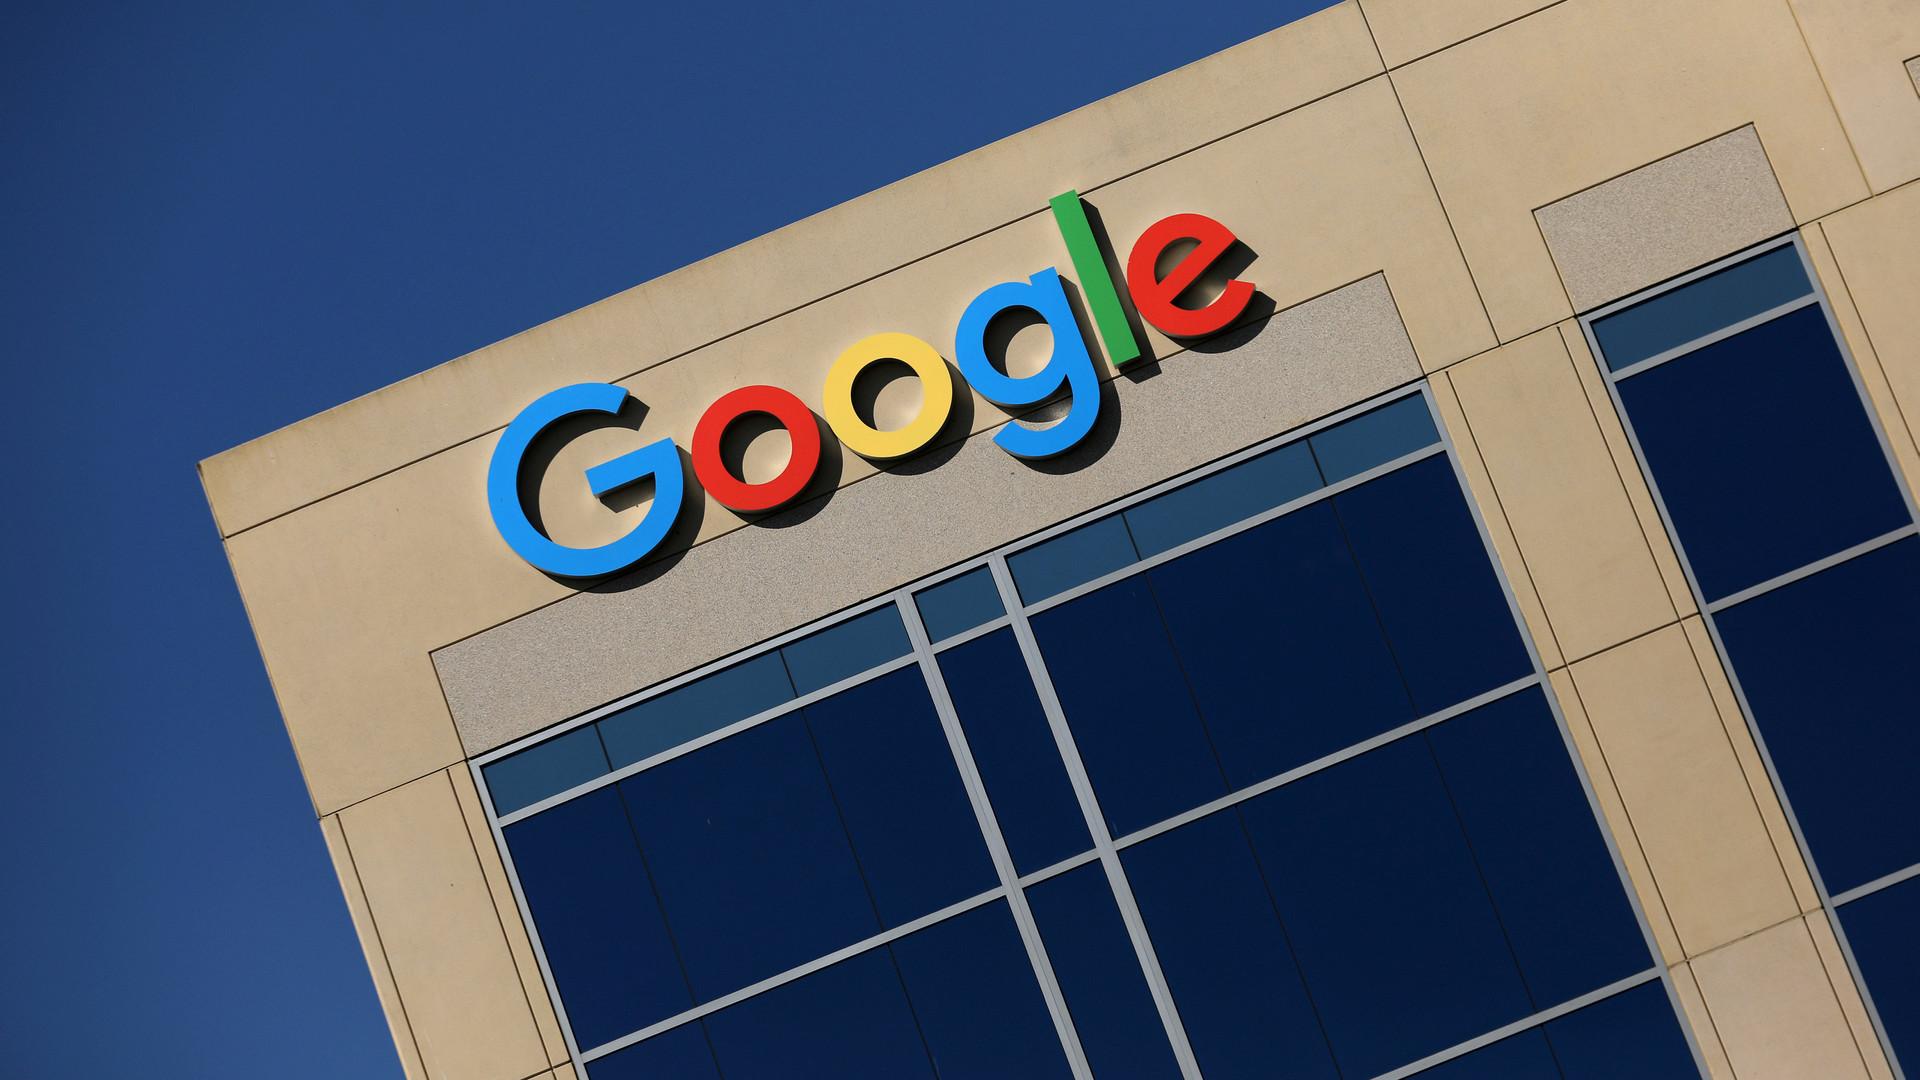 «Корпорации возвращаются к цензуре»: как в мире поддержали RT и Sputnik после слов представителя Google о «ранжировании»